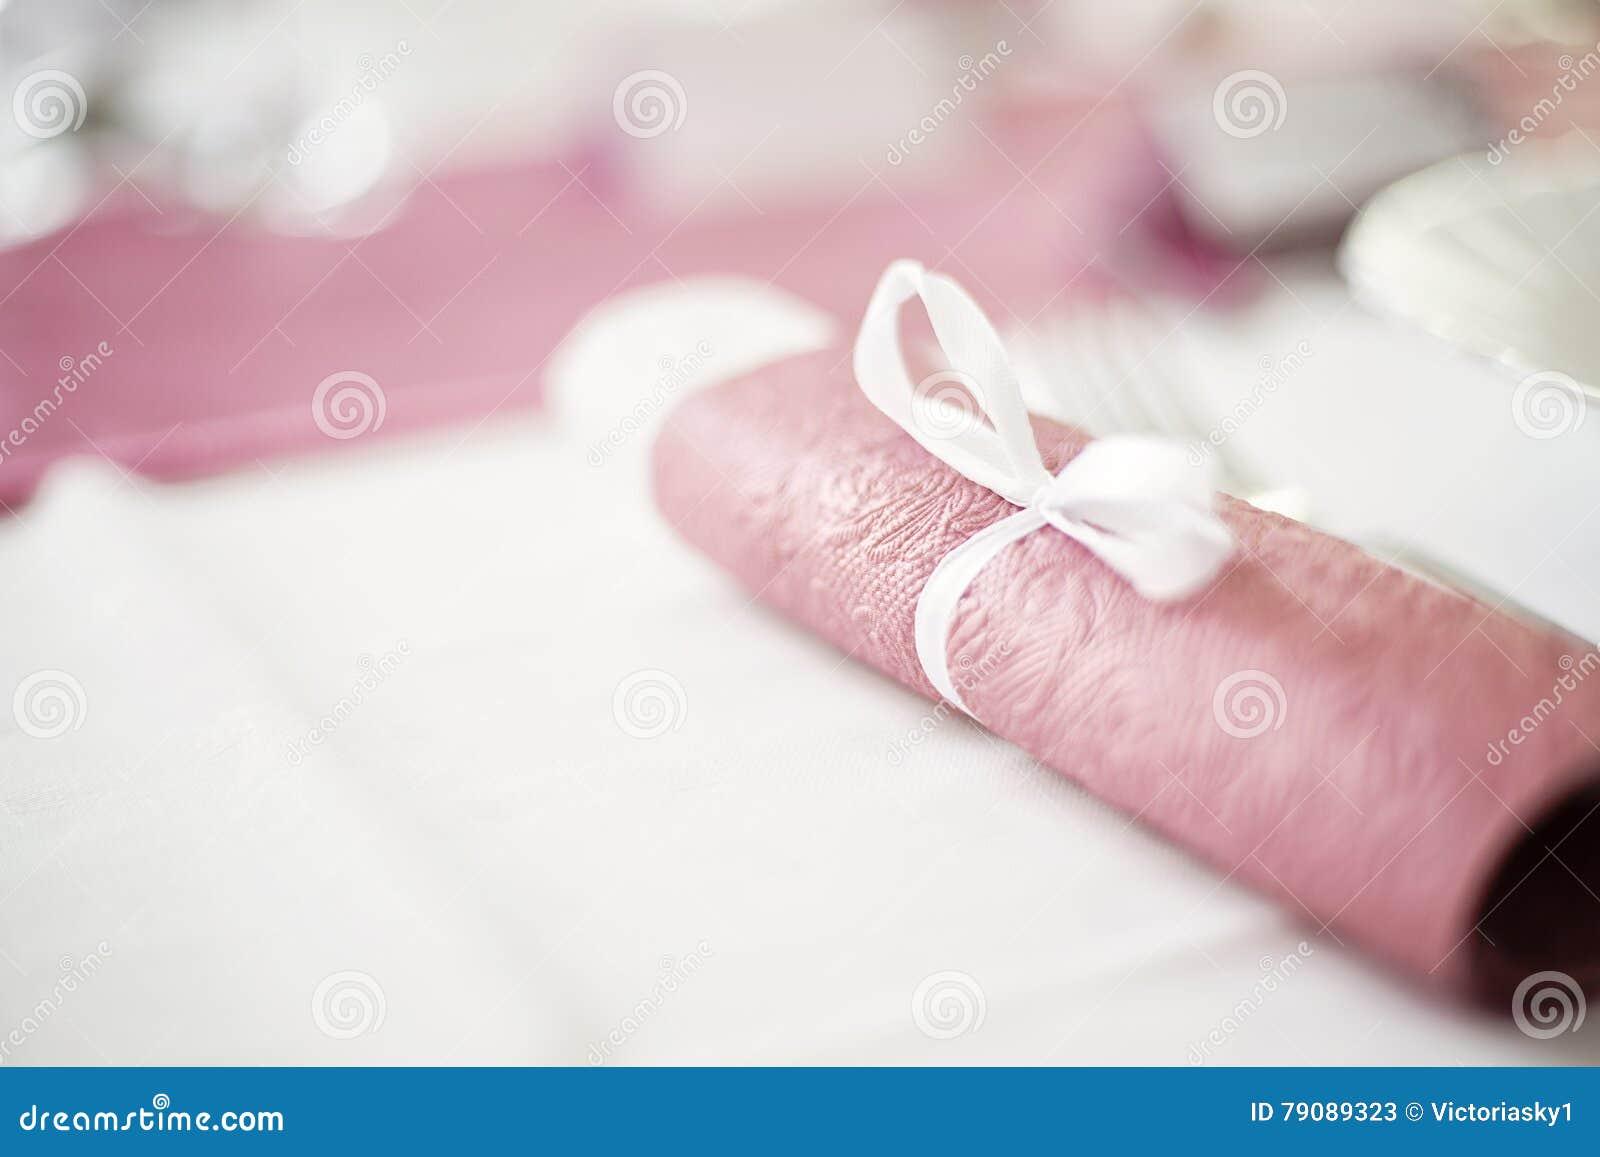 download serviette de table rose roule place sur une table de salle manger image stock